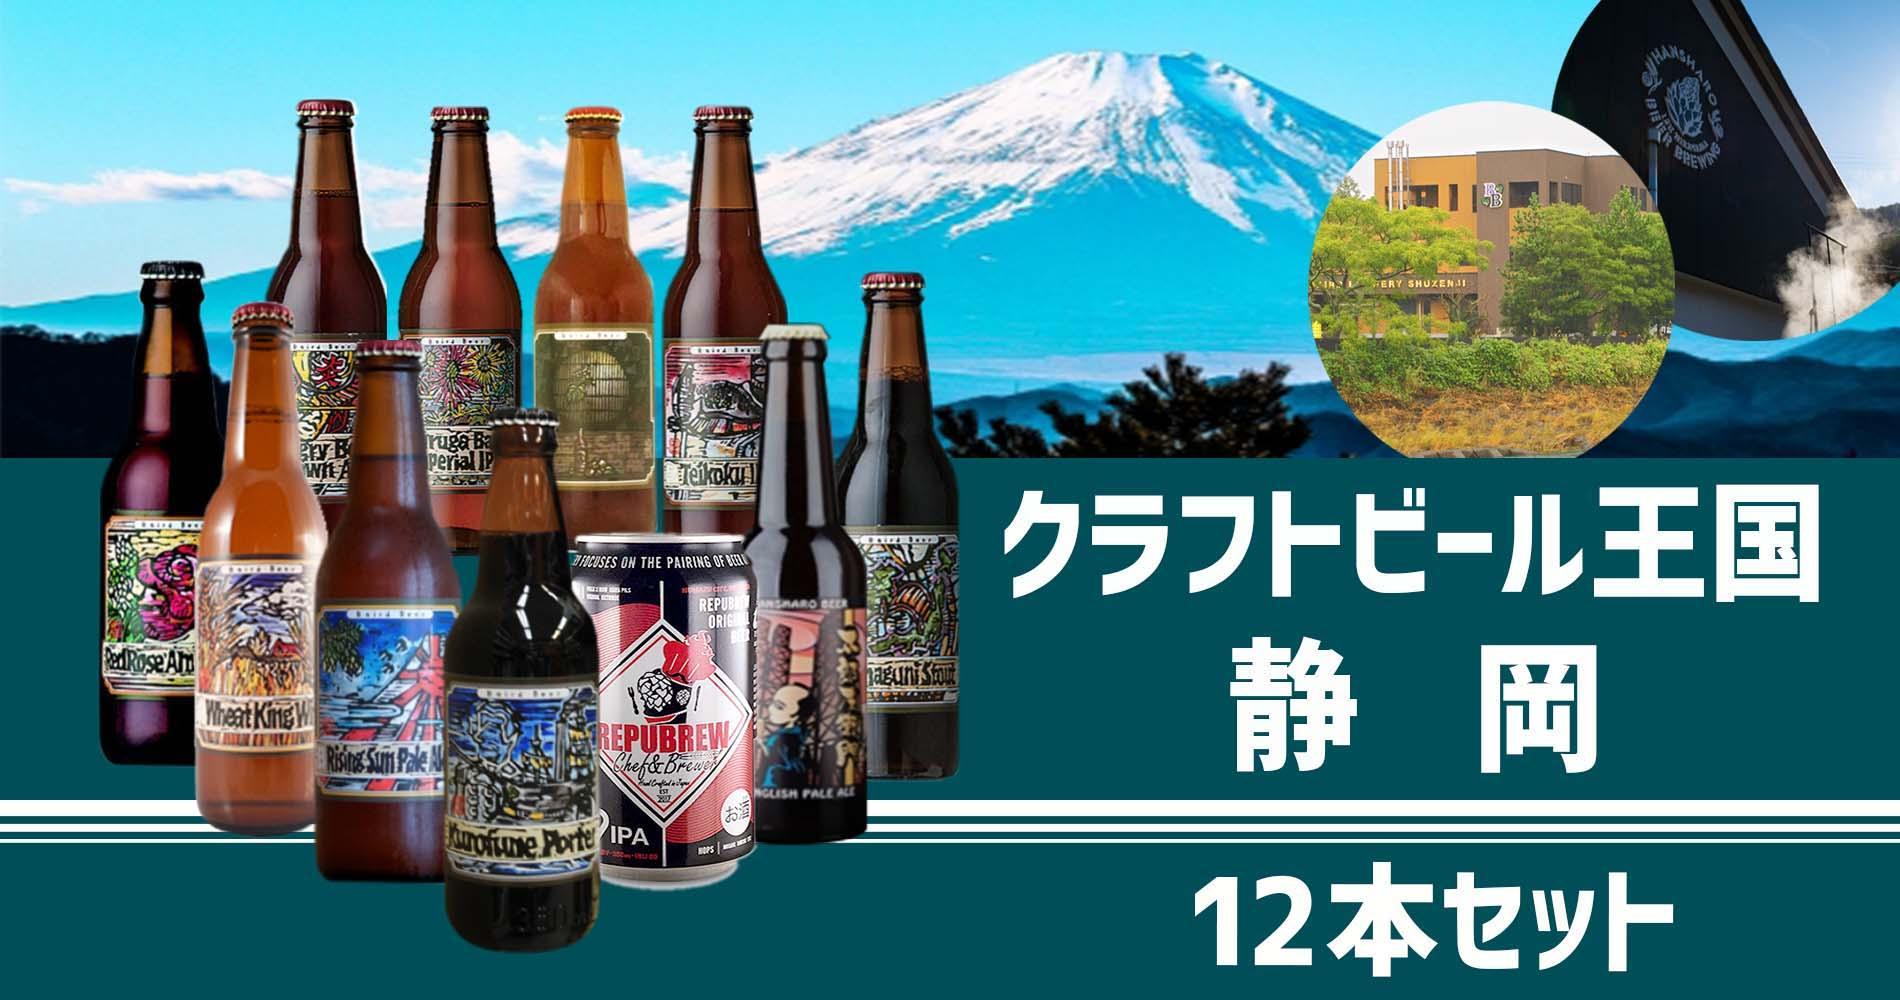 クラフトビール王国 静岡 12本セット